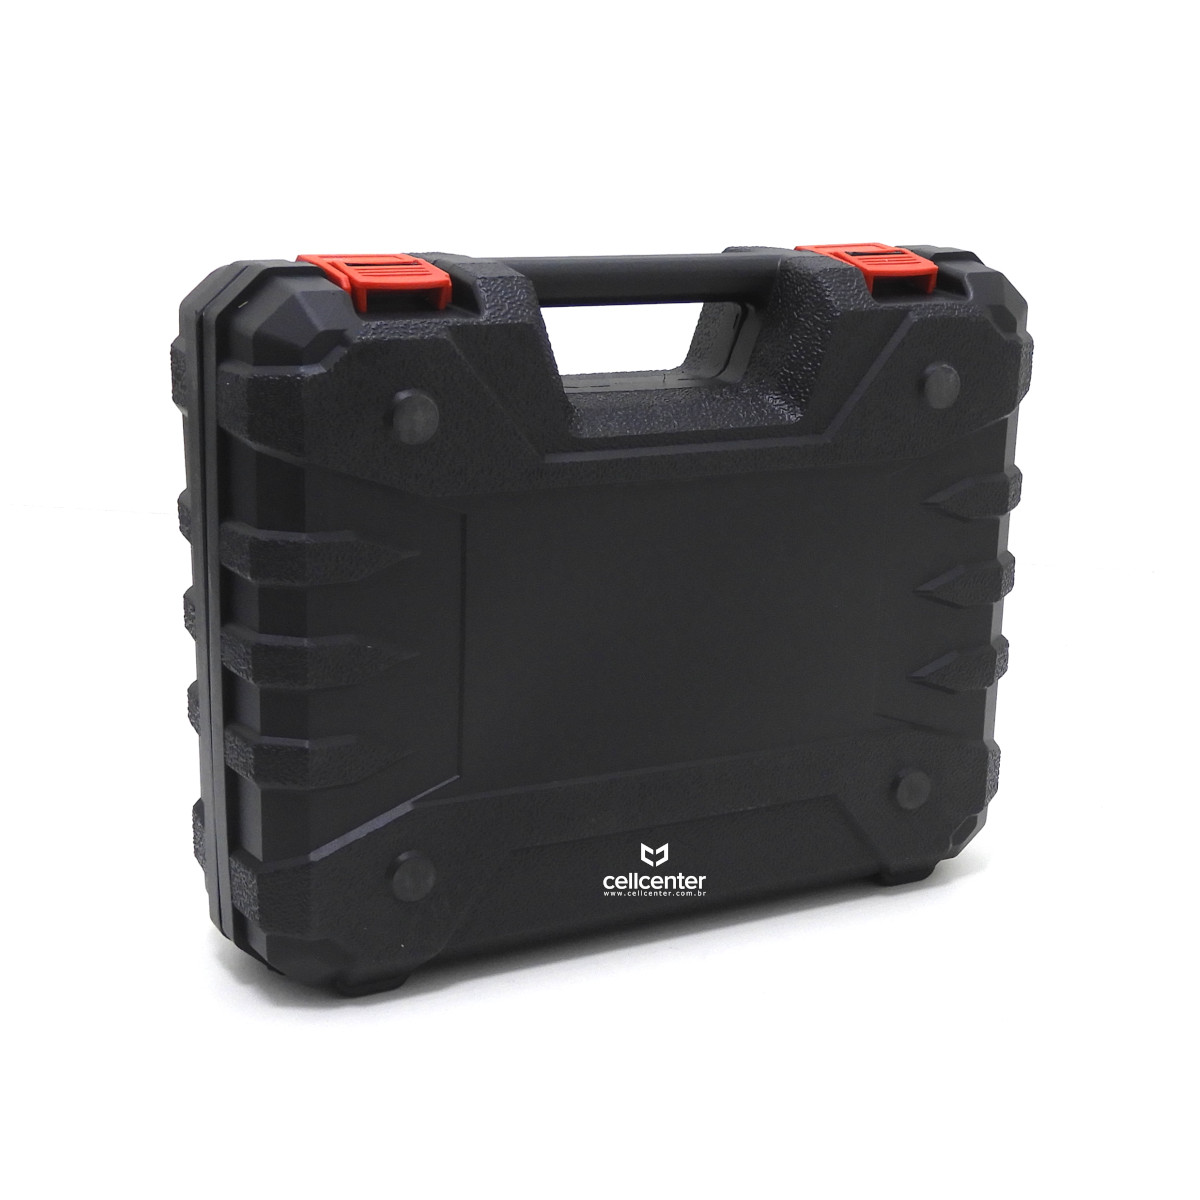 Parafusadeira e Furadeira Elétrica Sem Fio 21V 2 Baterias Bivolt